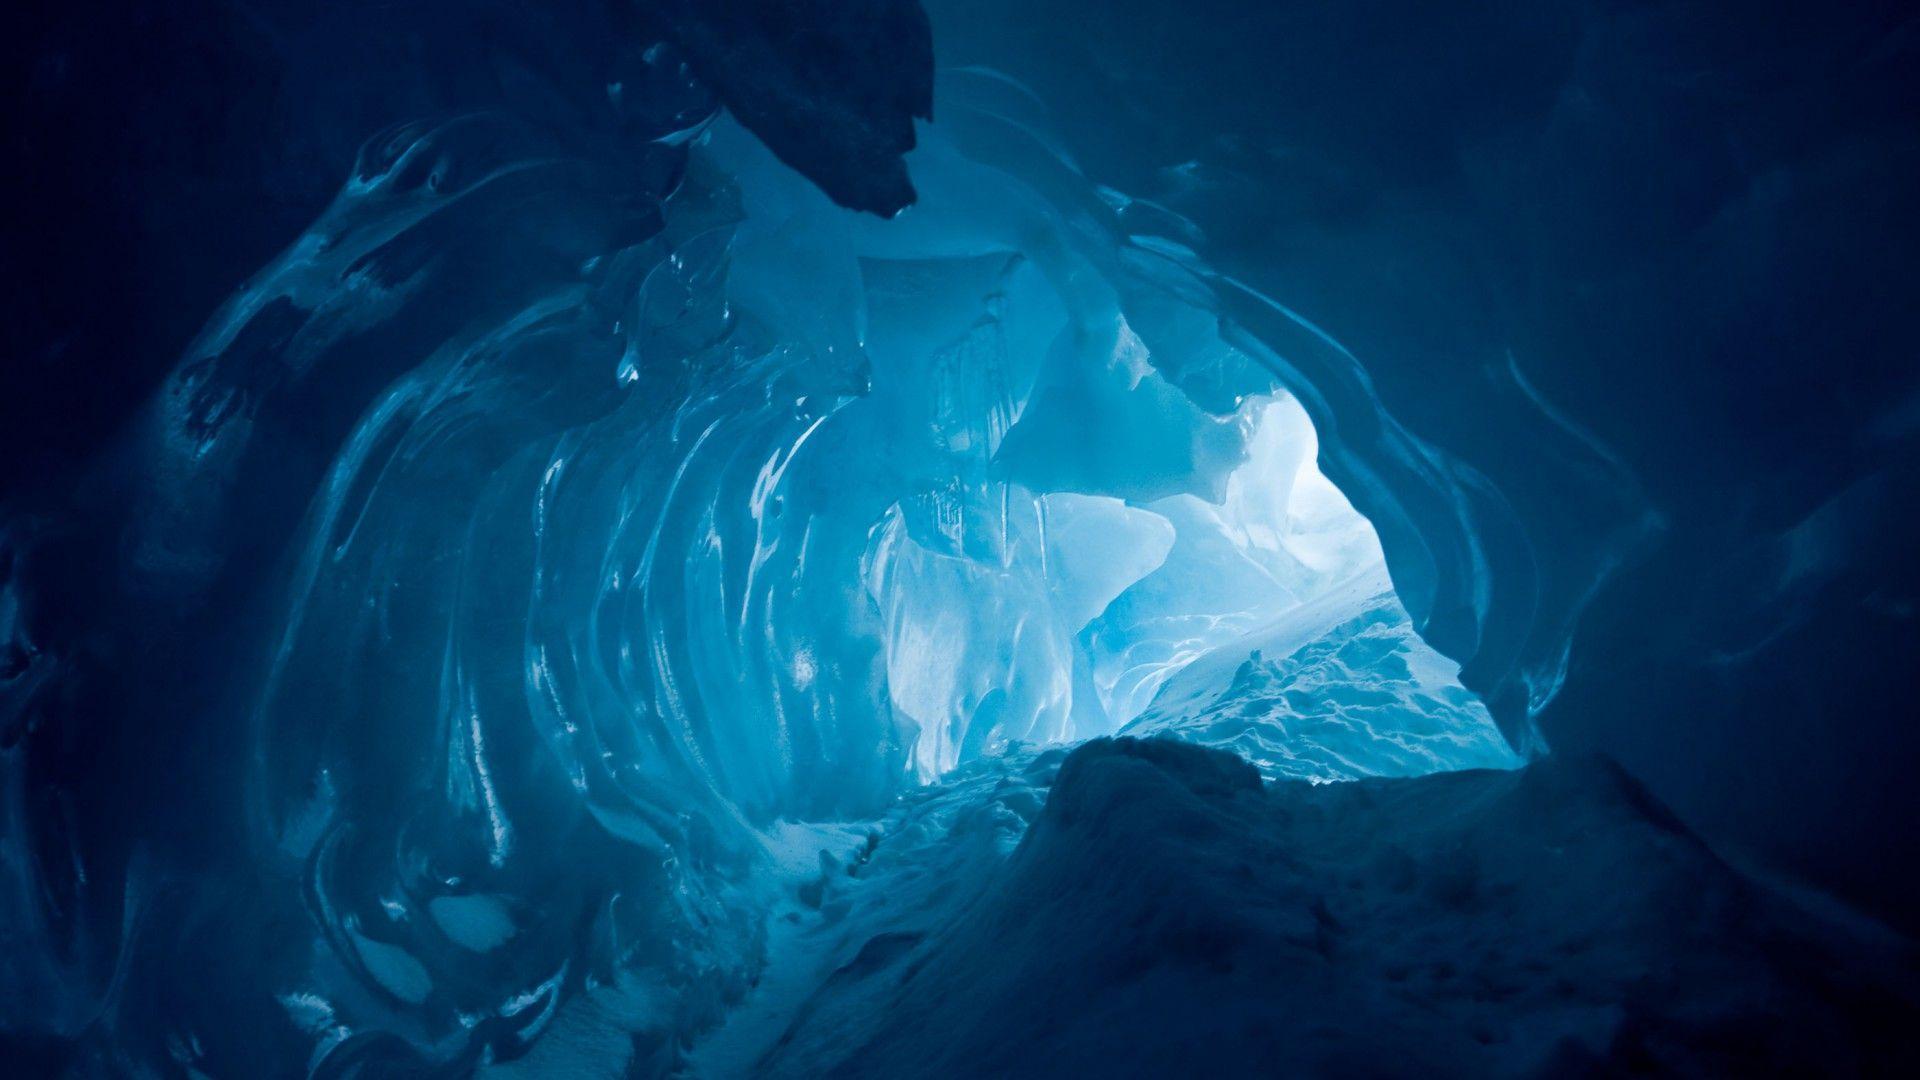 Antarctica Wallpapers #6837193